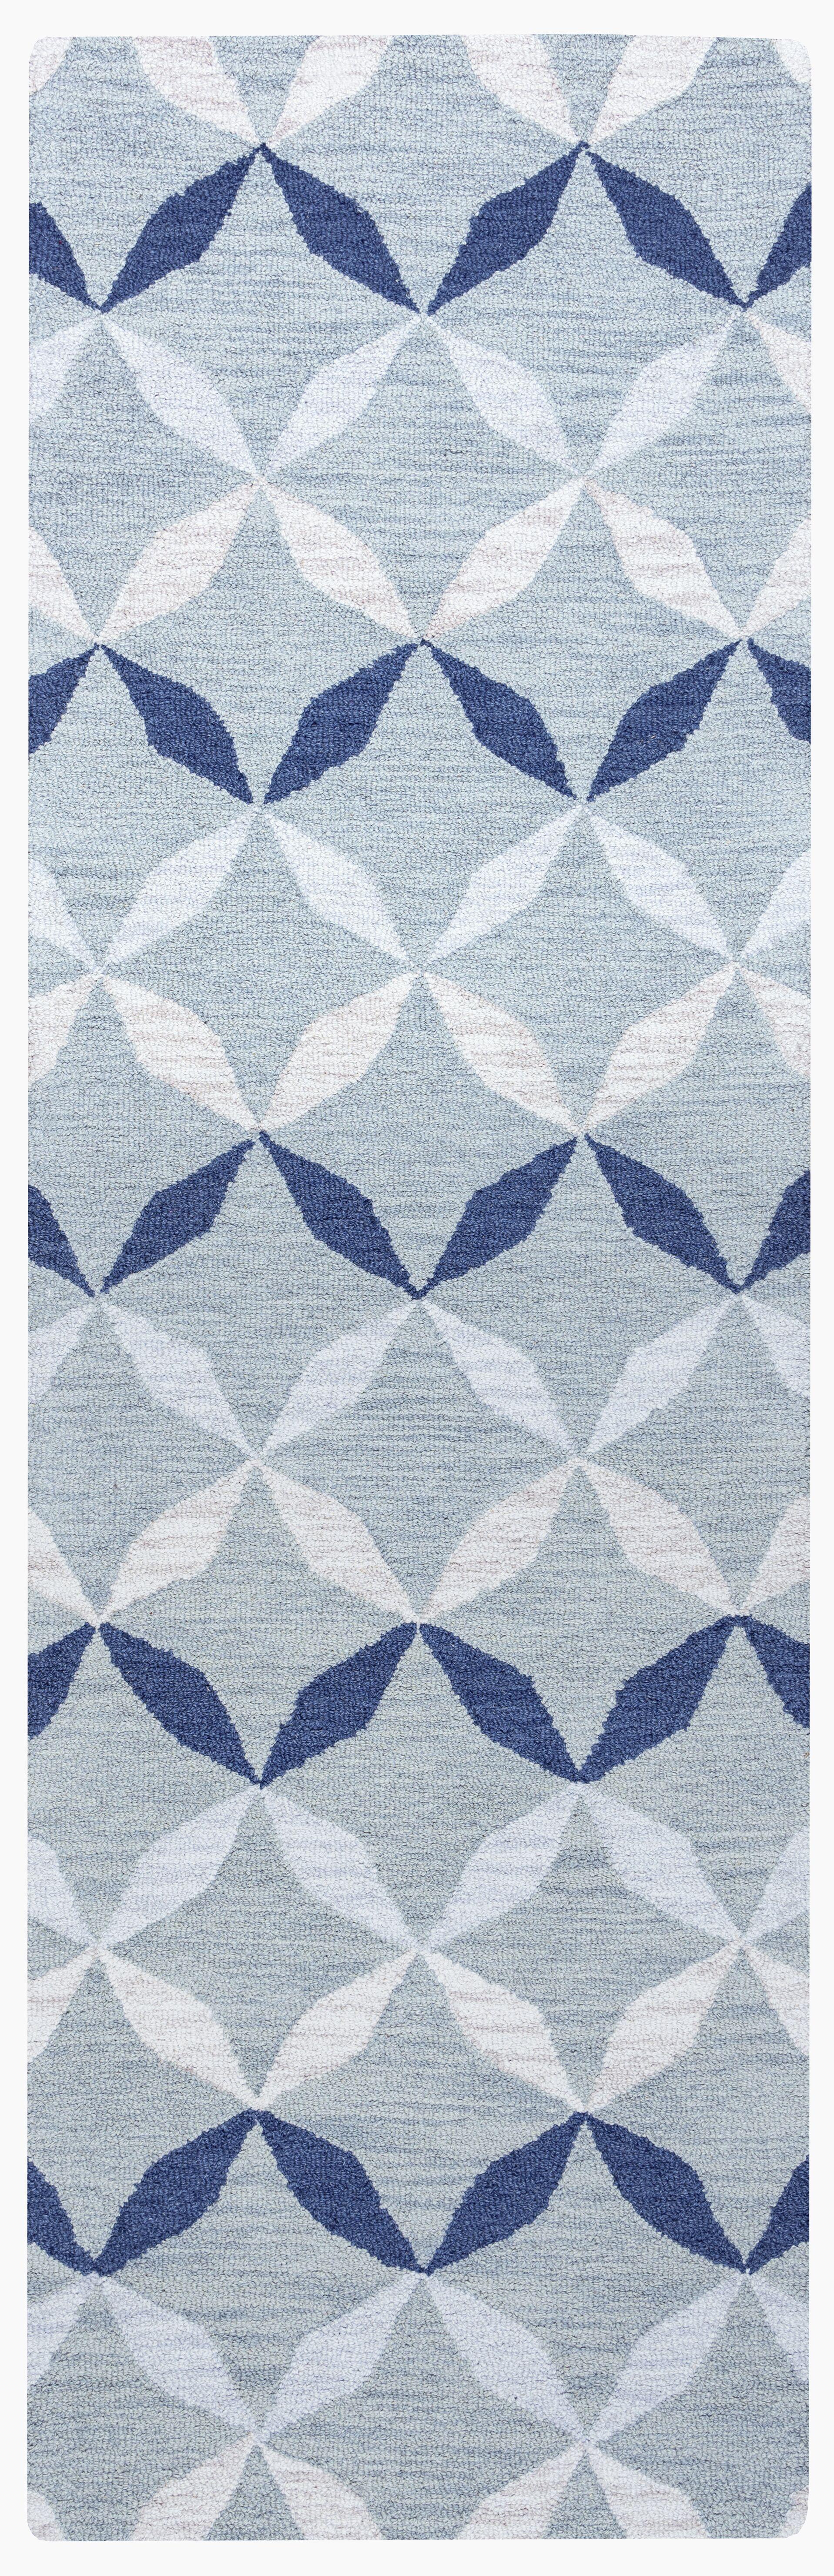 Marlee Hand-Tufted Blue Area Rug Rug Size: Runner 2'6